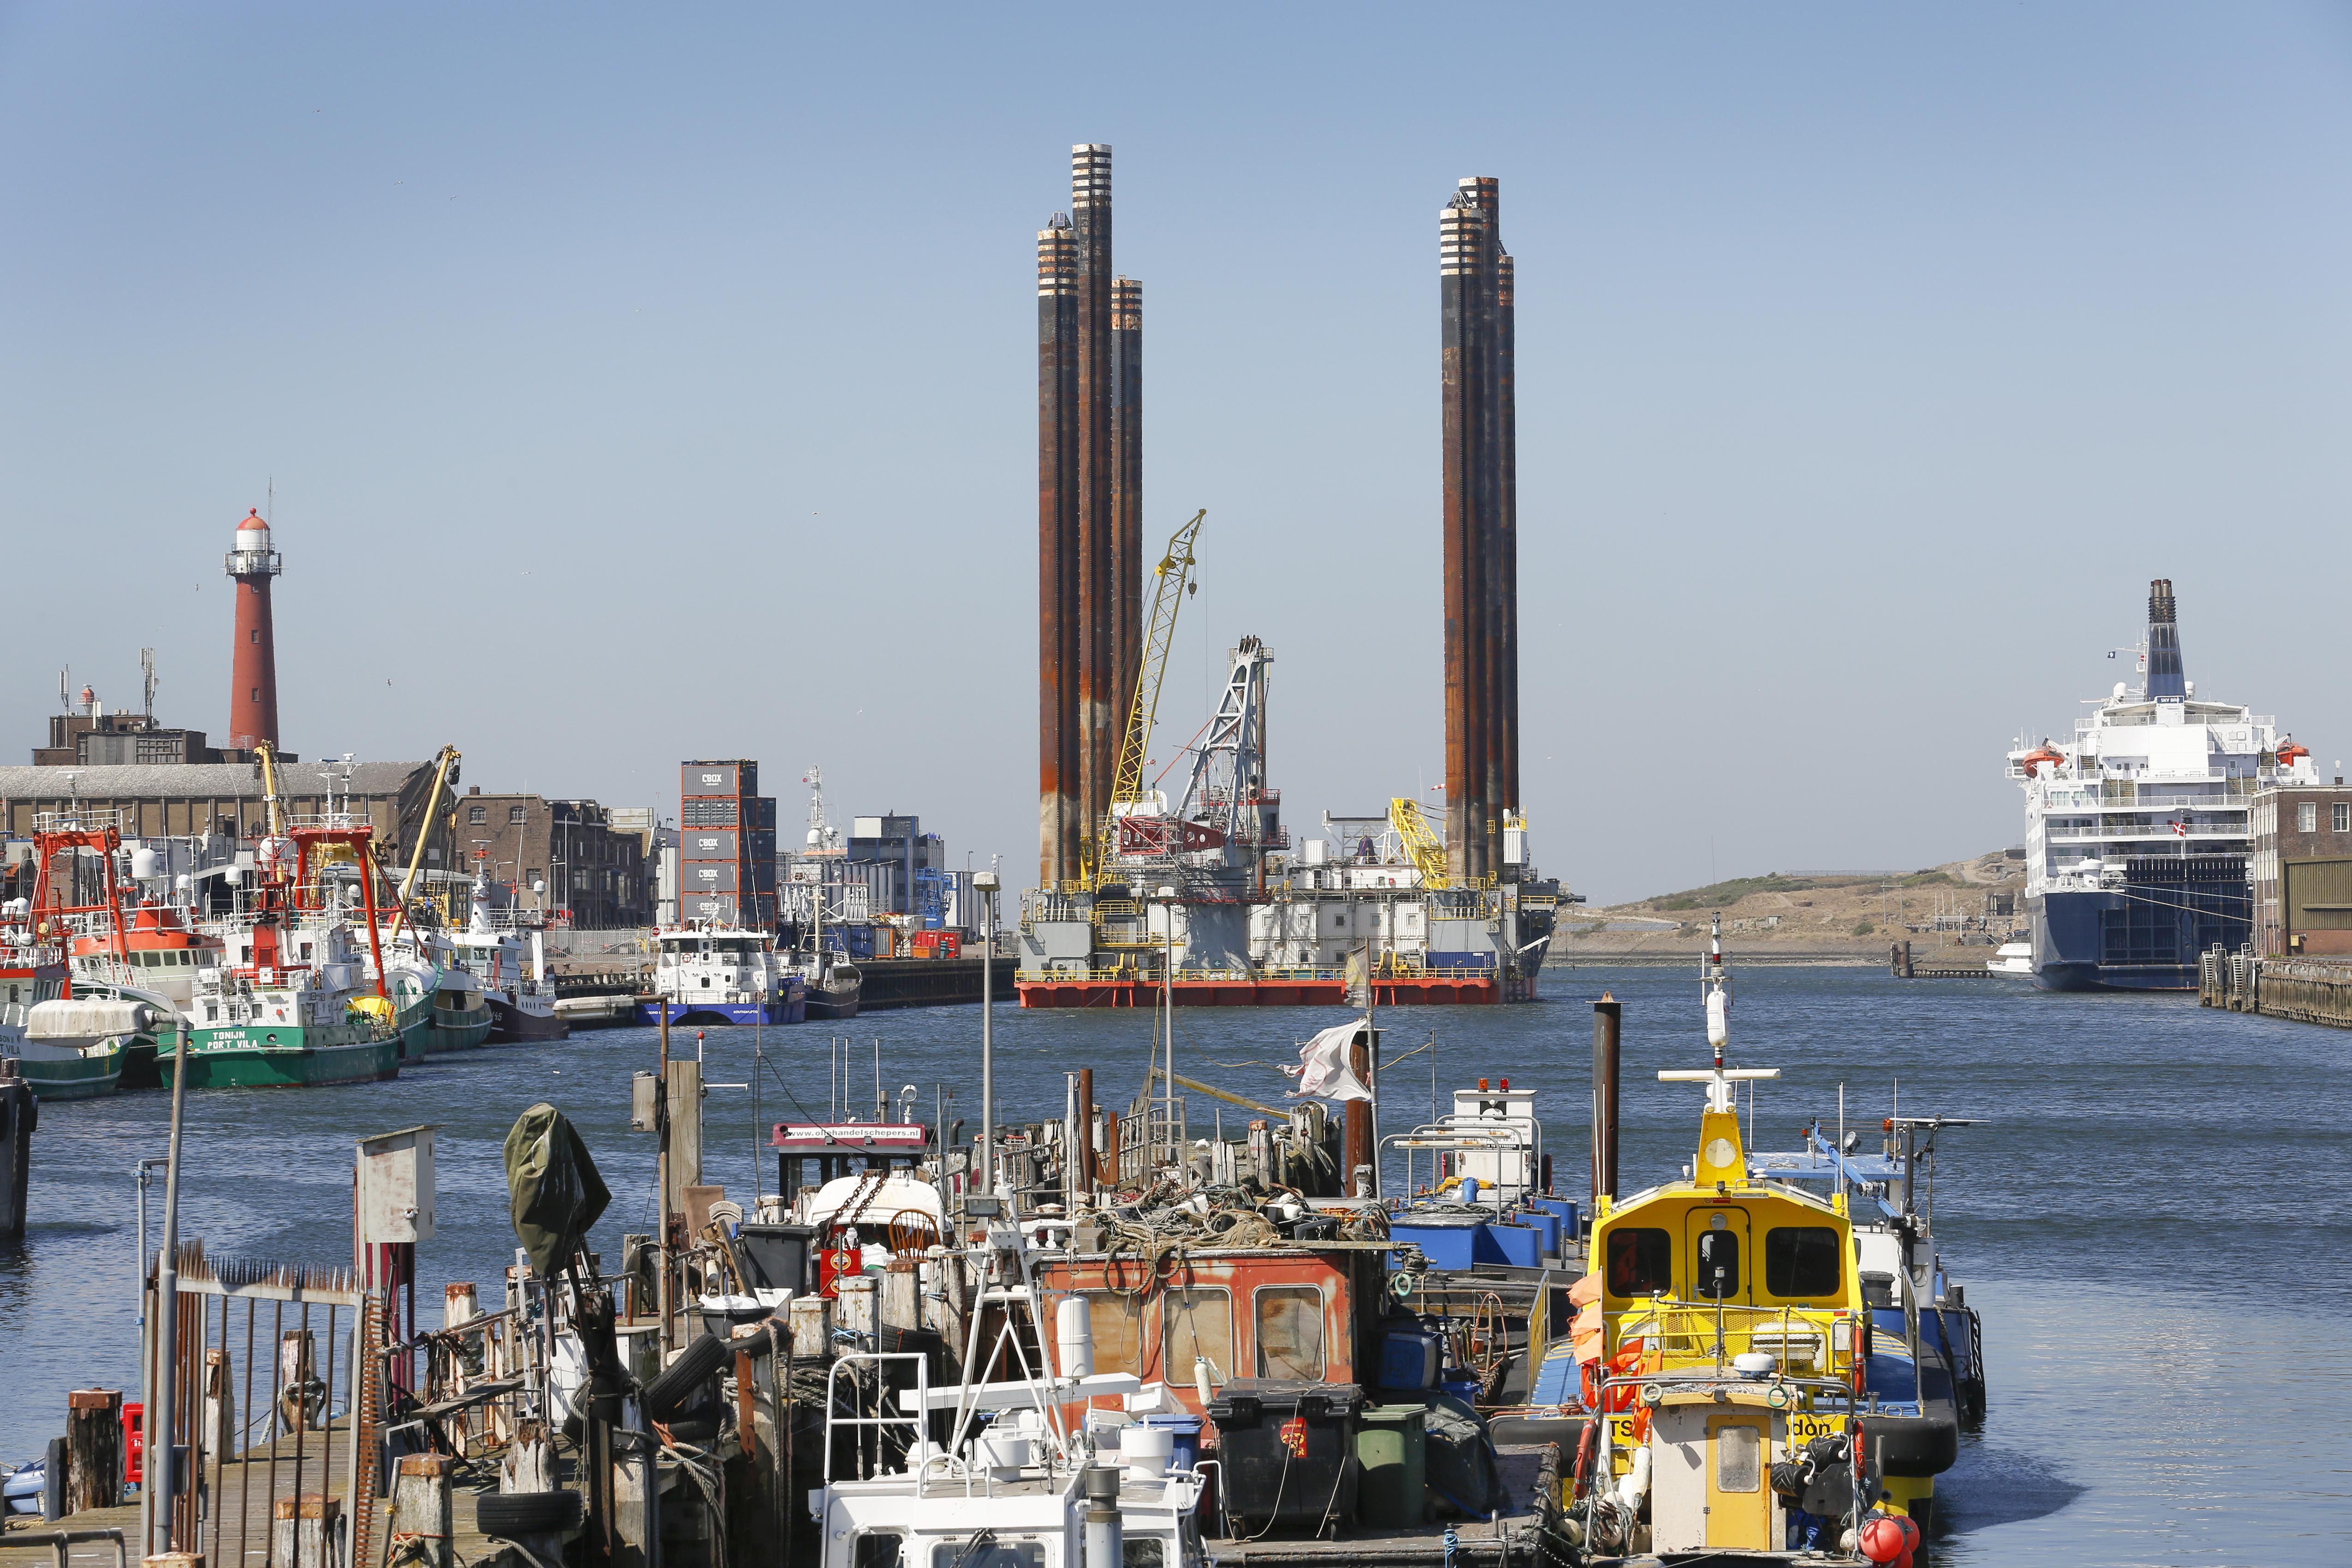 Honderden bedrijven uit de IJmond krijgen loonsubsidie van de overheid. Van Tata Steel, tot visverwerkers en de transportsector